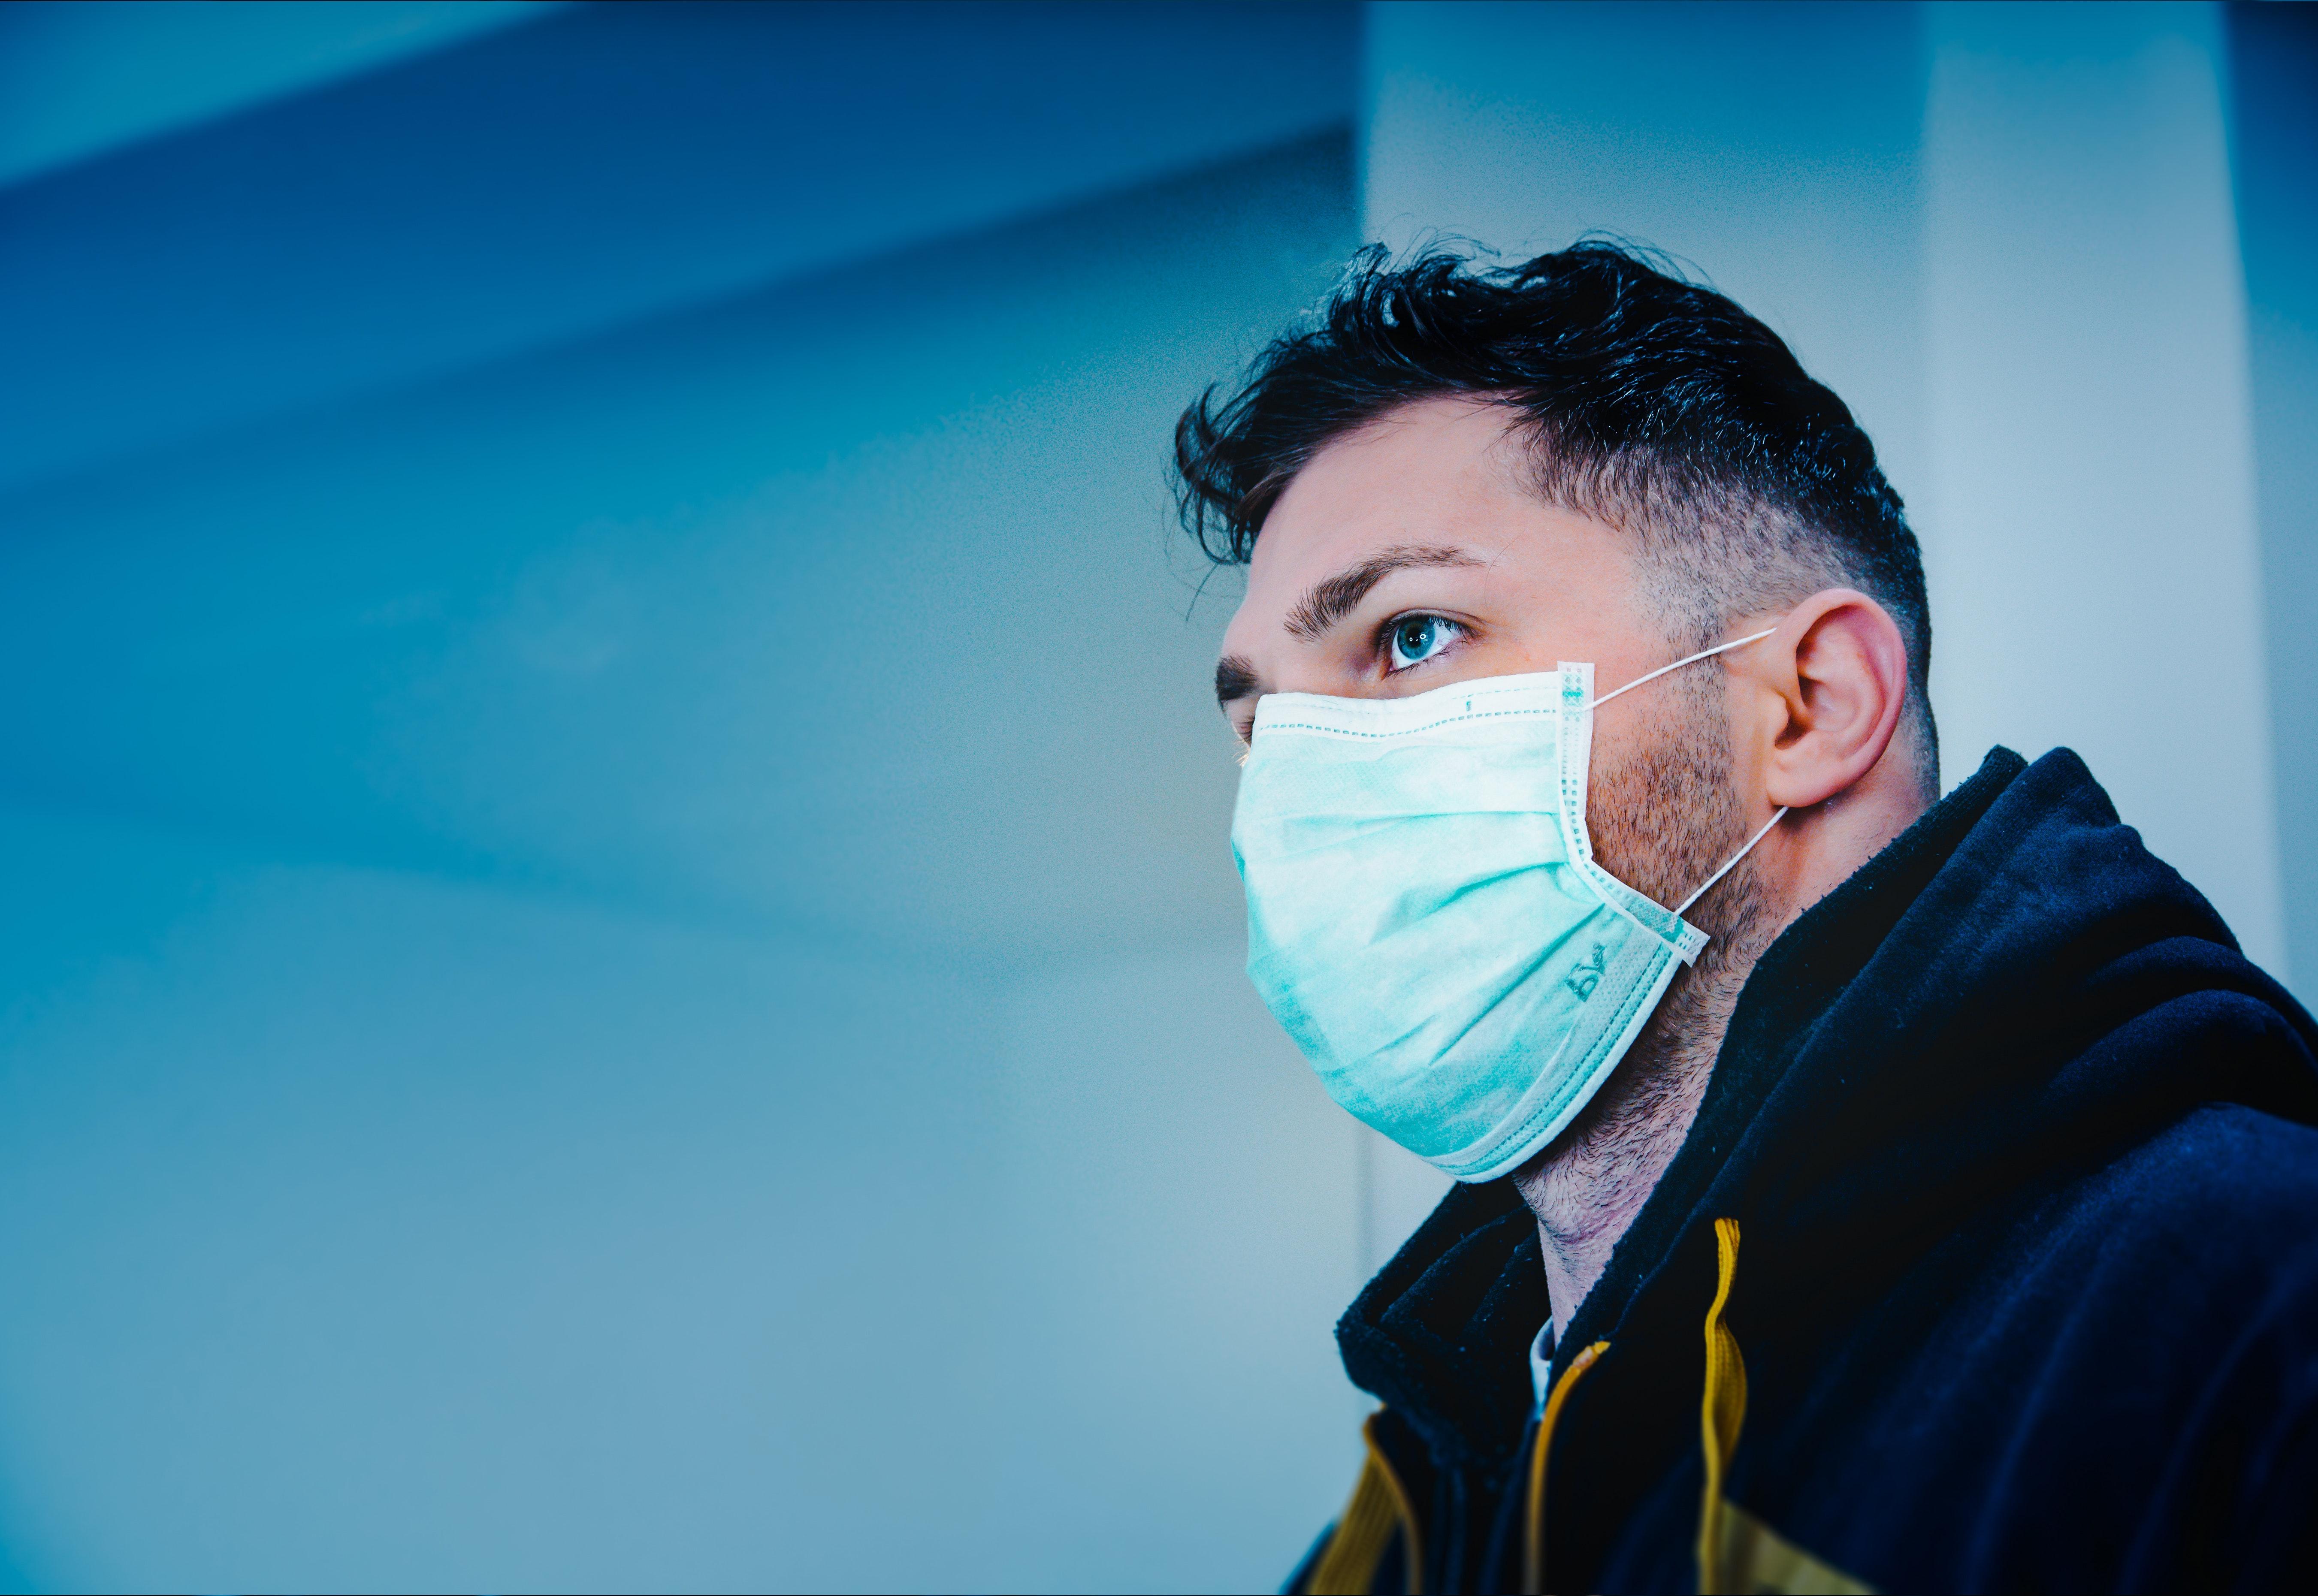 Uso obrigatório de máscara e o reconhecimento facial